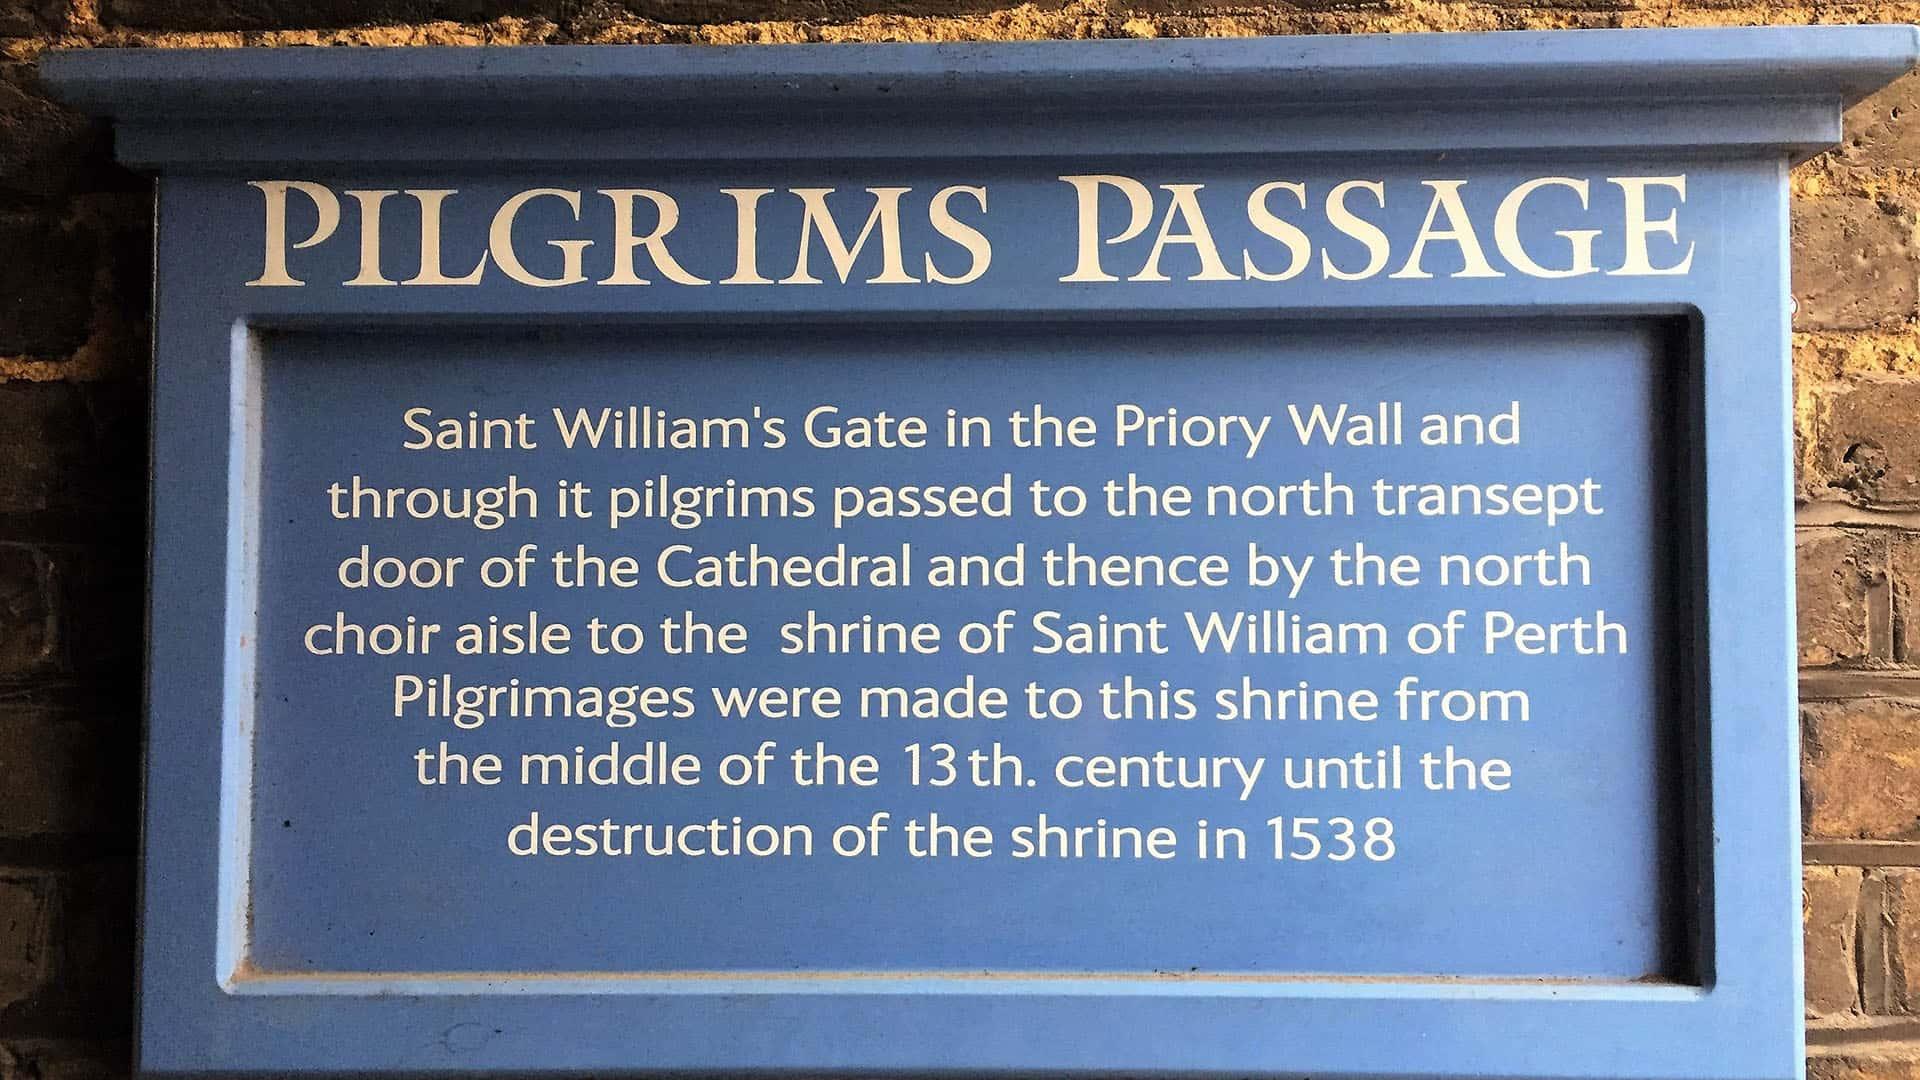 Pilgrim's Passage at Rochester Castle